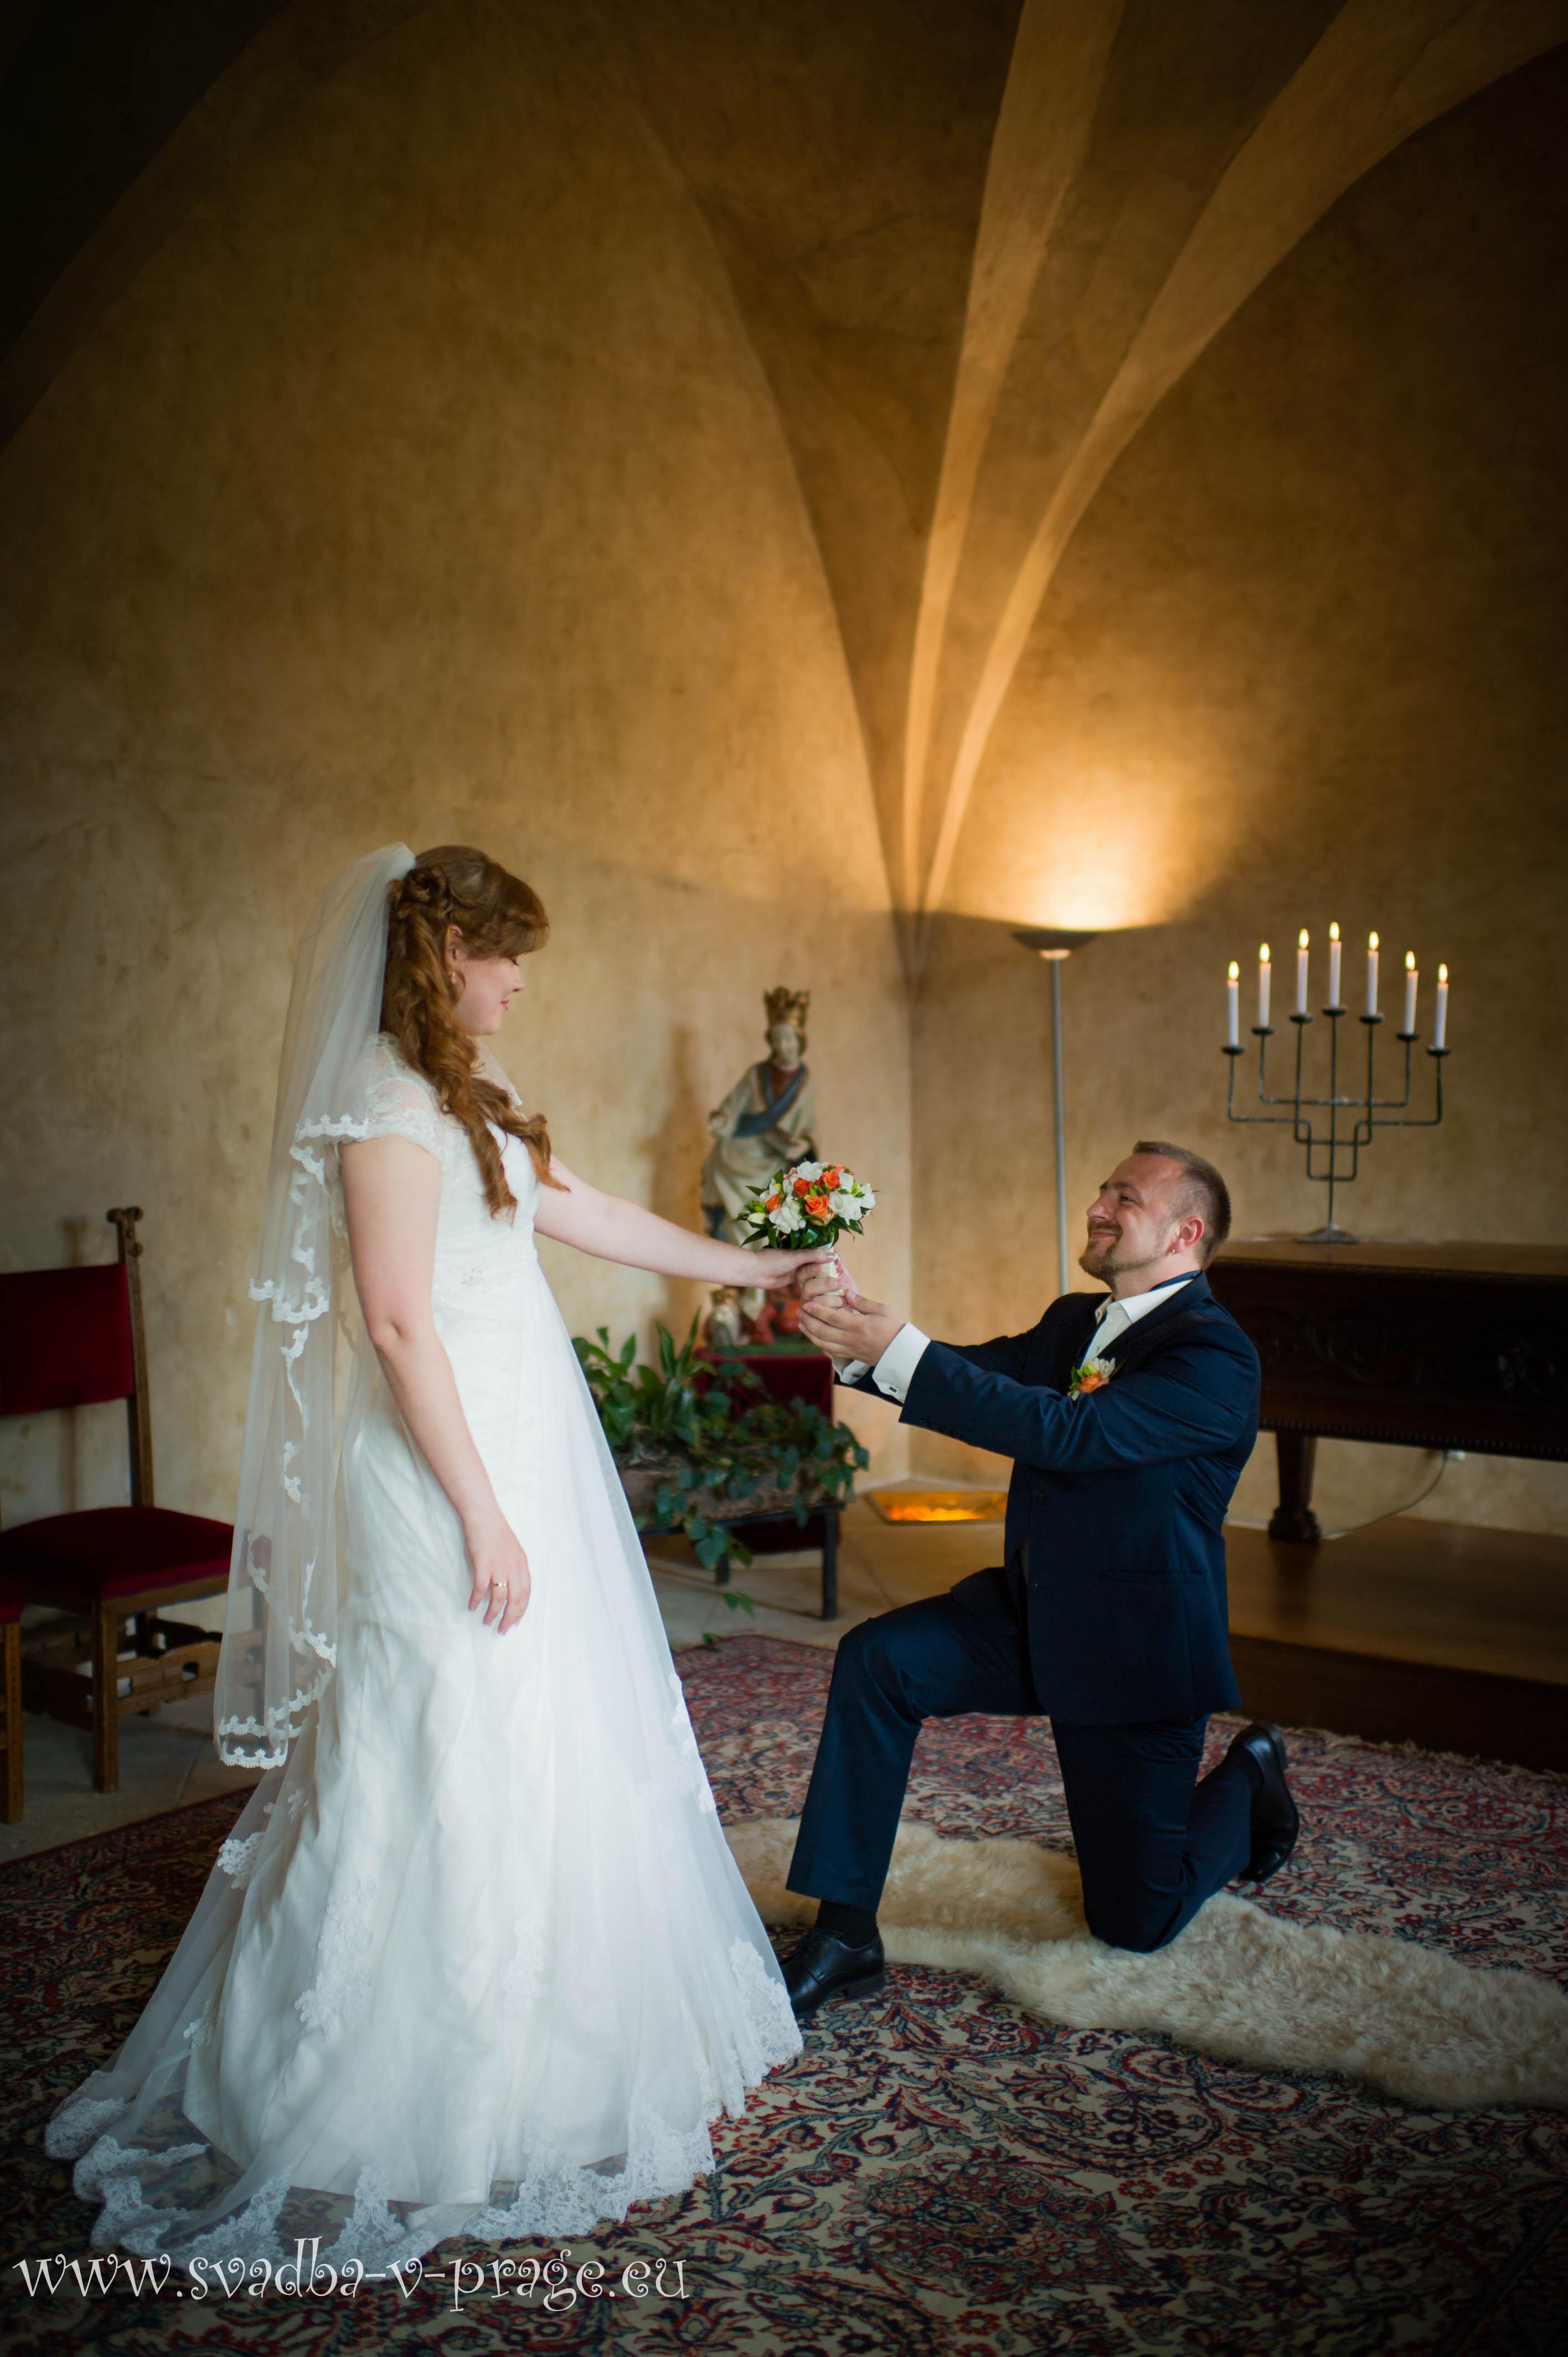 Свадьба в замке Карлштейн Сергея и Екатерины 15.6.2013 - фото Свадьба в замке Карлштейн